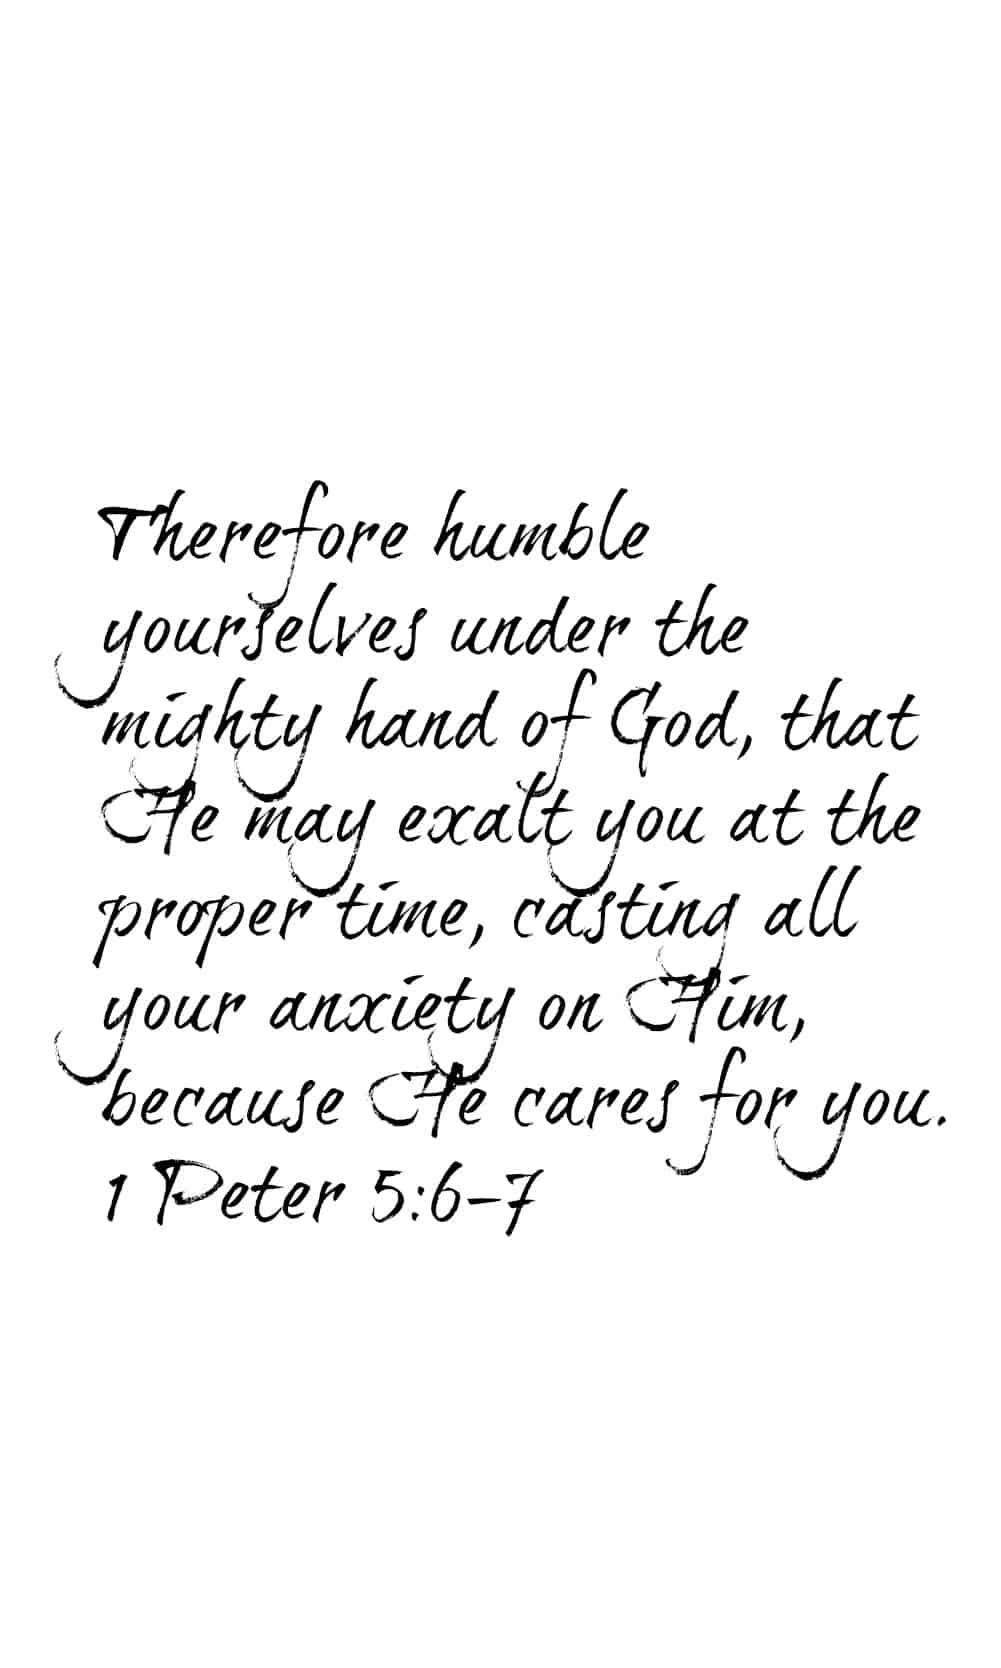 1 Peter 5:6-7 | Scripture Memory Wallpaper for iPhones